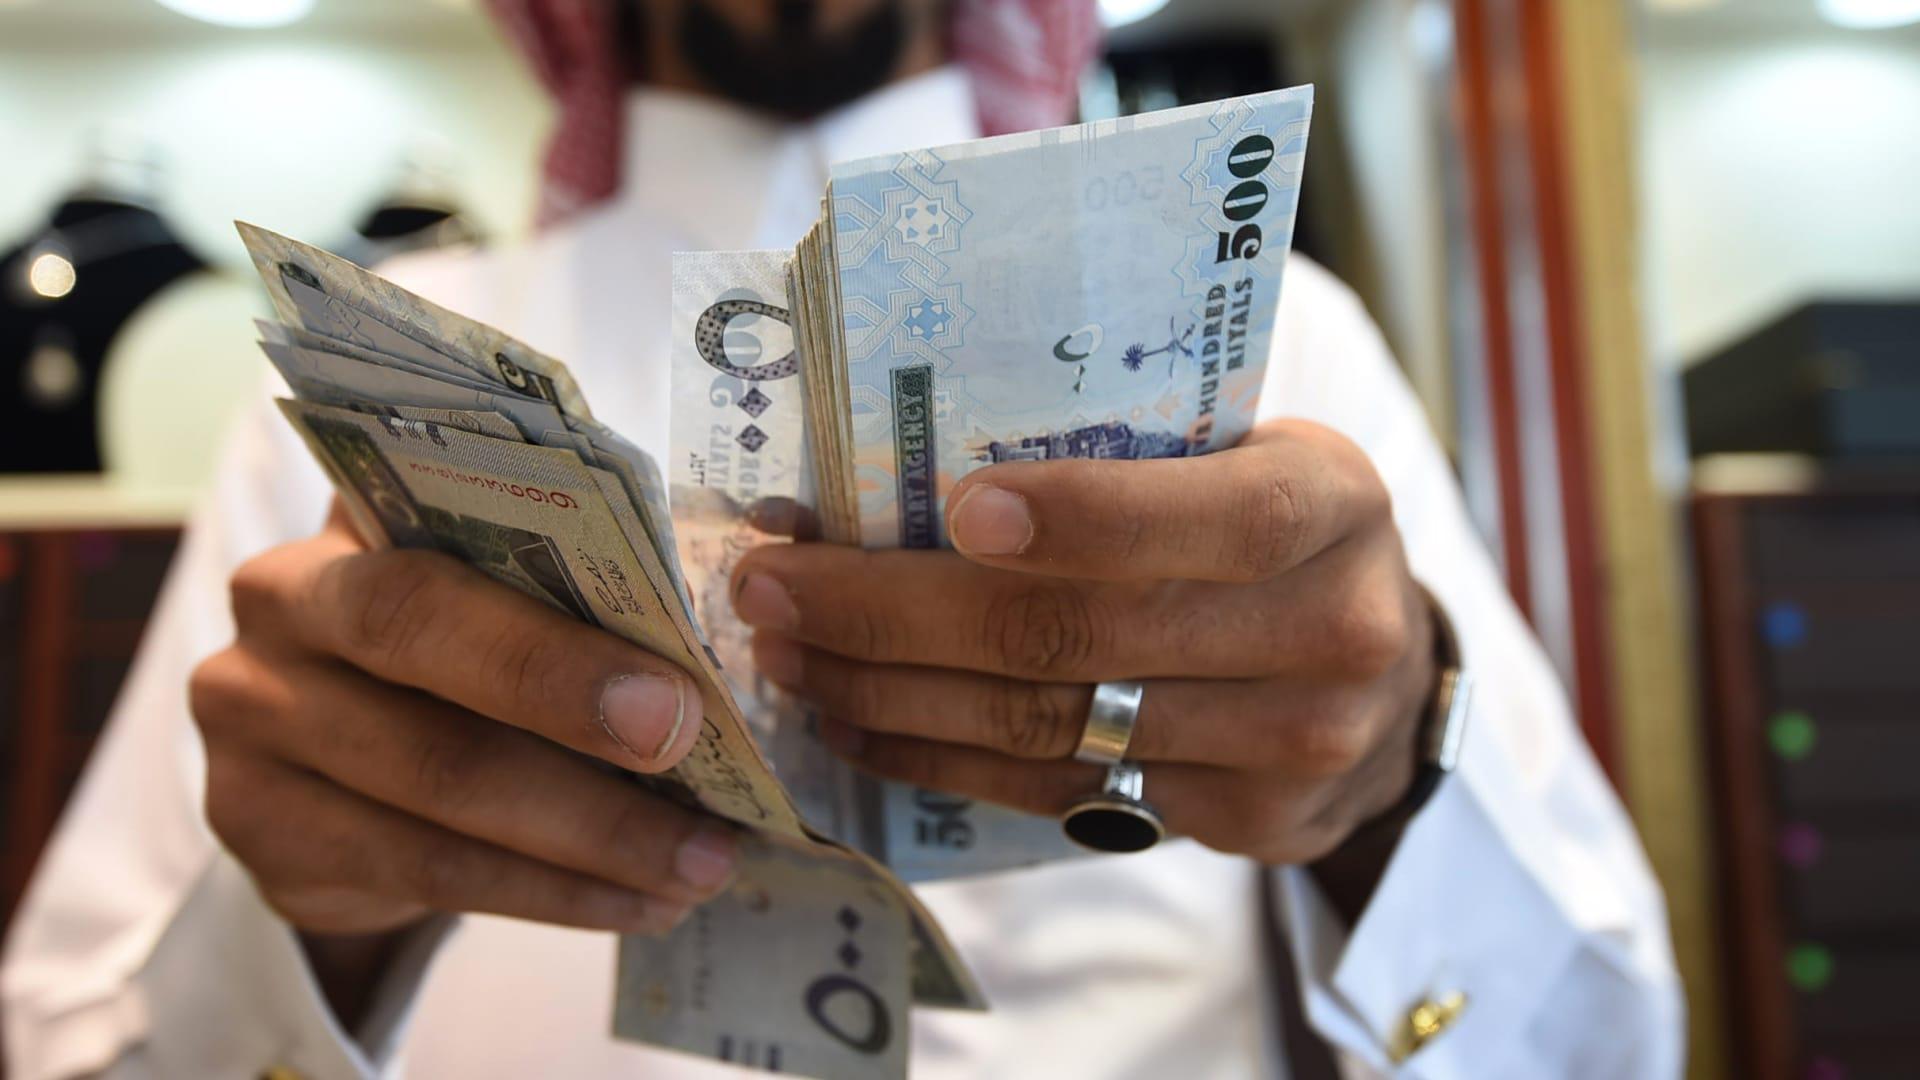 دول الخليج تتصدر.. إليكم متوسط ثروات الأفراد في كل دولة عربية thumbnail